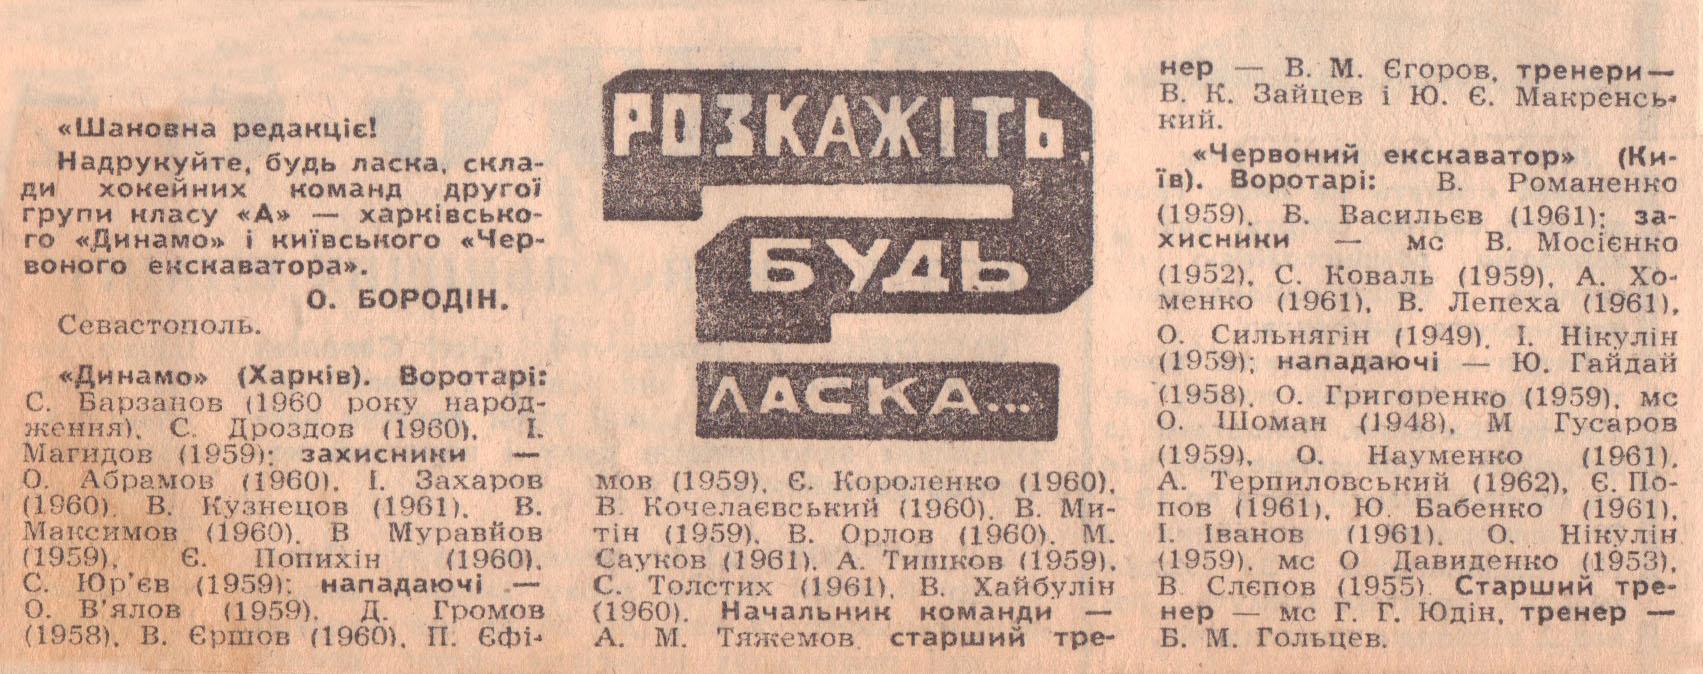 skf4967-2.jpg